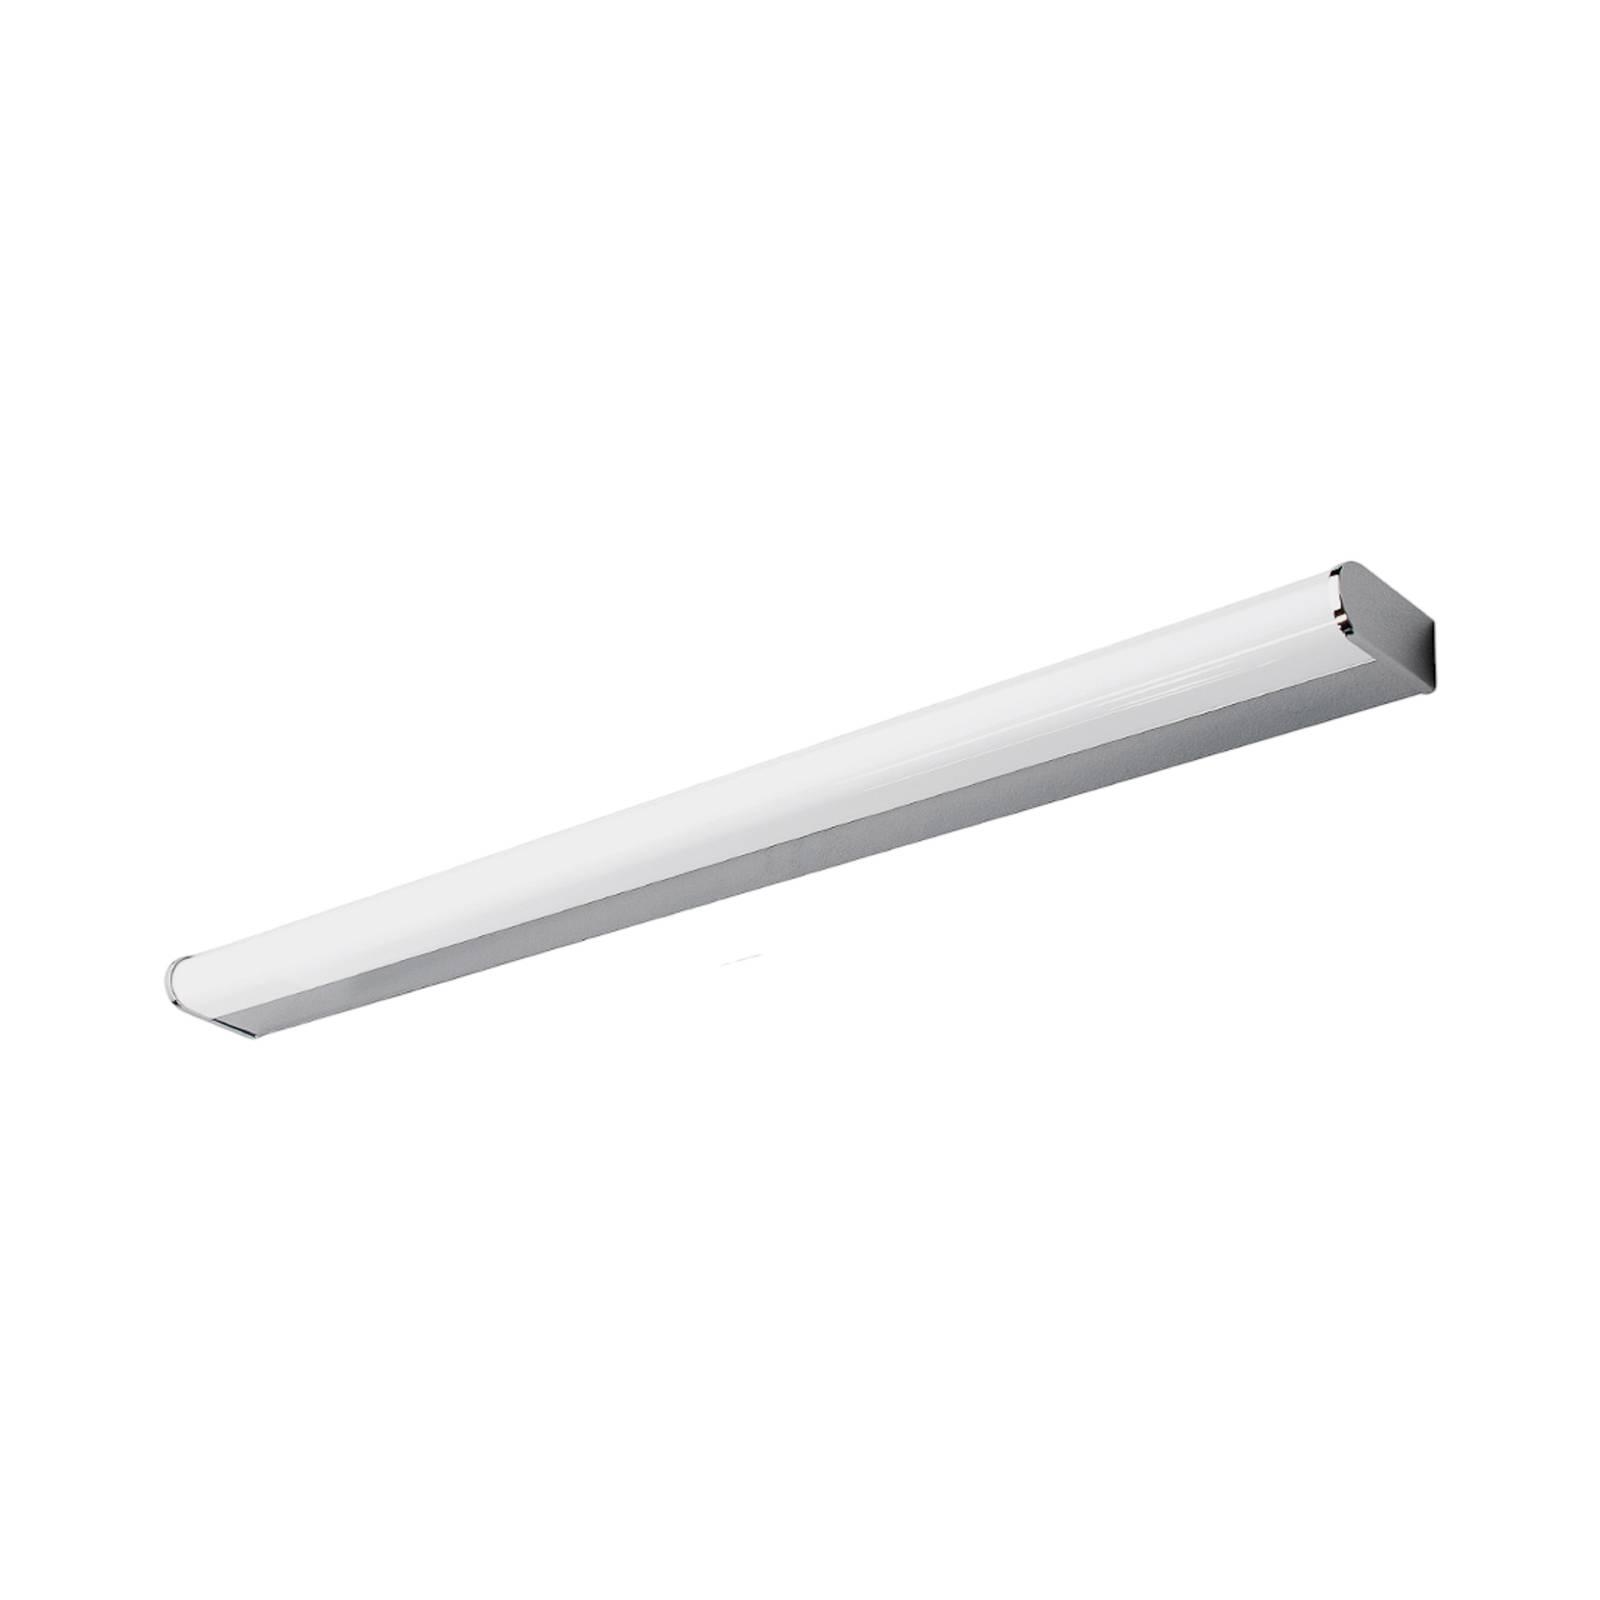 C /α/γά/π/η /Ζ Spiegellampe Badlampe Badleuchte Spiegelleuchte Wandleuchte Edelstahl Led Badezimmerlampe,180/°Winkel-Einstellbar,F/üR Bad Spiegel Leuchte,Wasserdicht Und Beschlagfrei Wei/ßes Licht,40cm